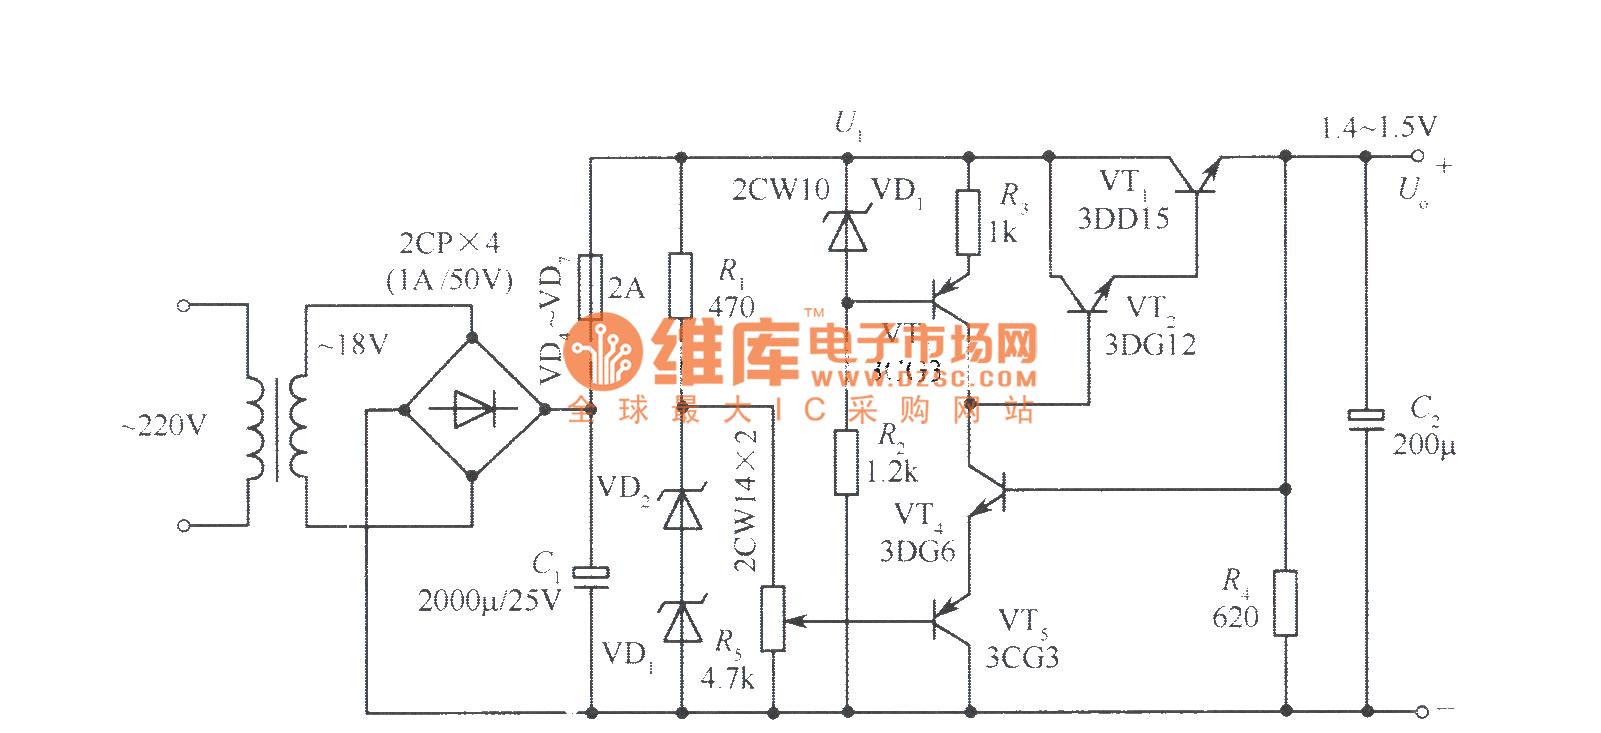 1.45V to 15V full sampling regulated power supply circuit